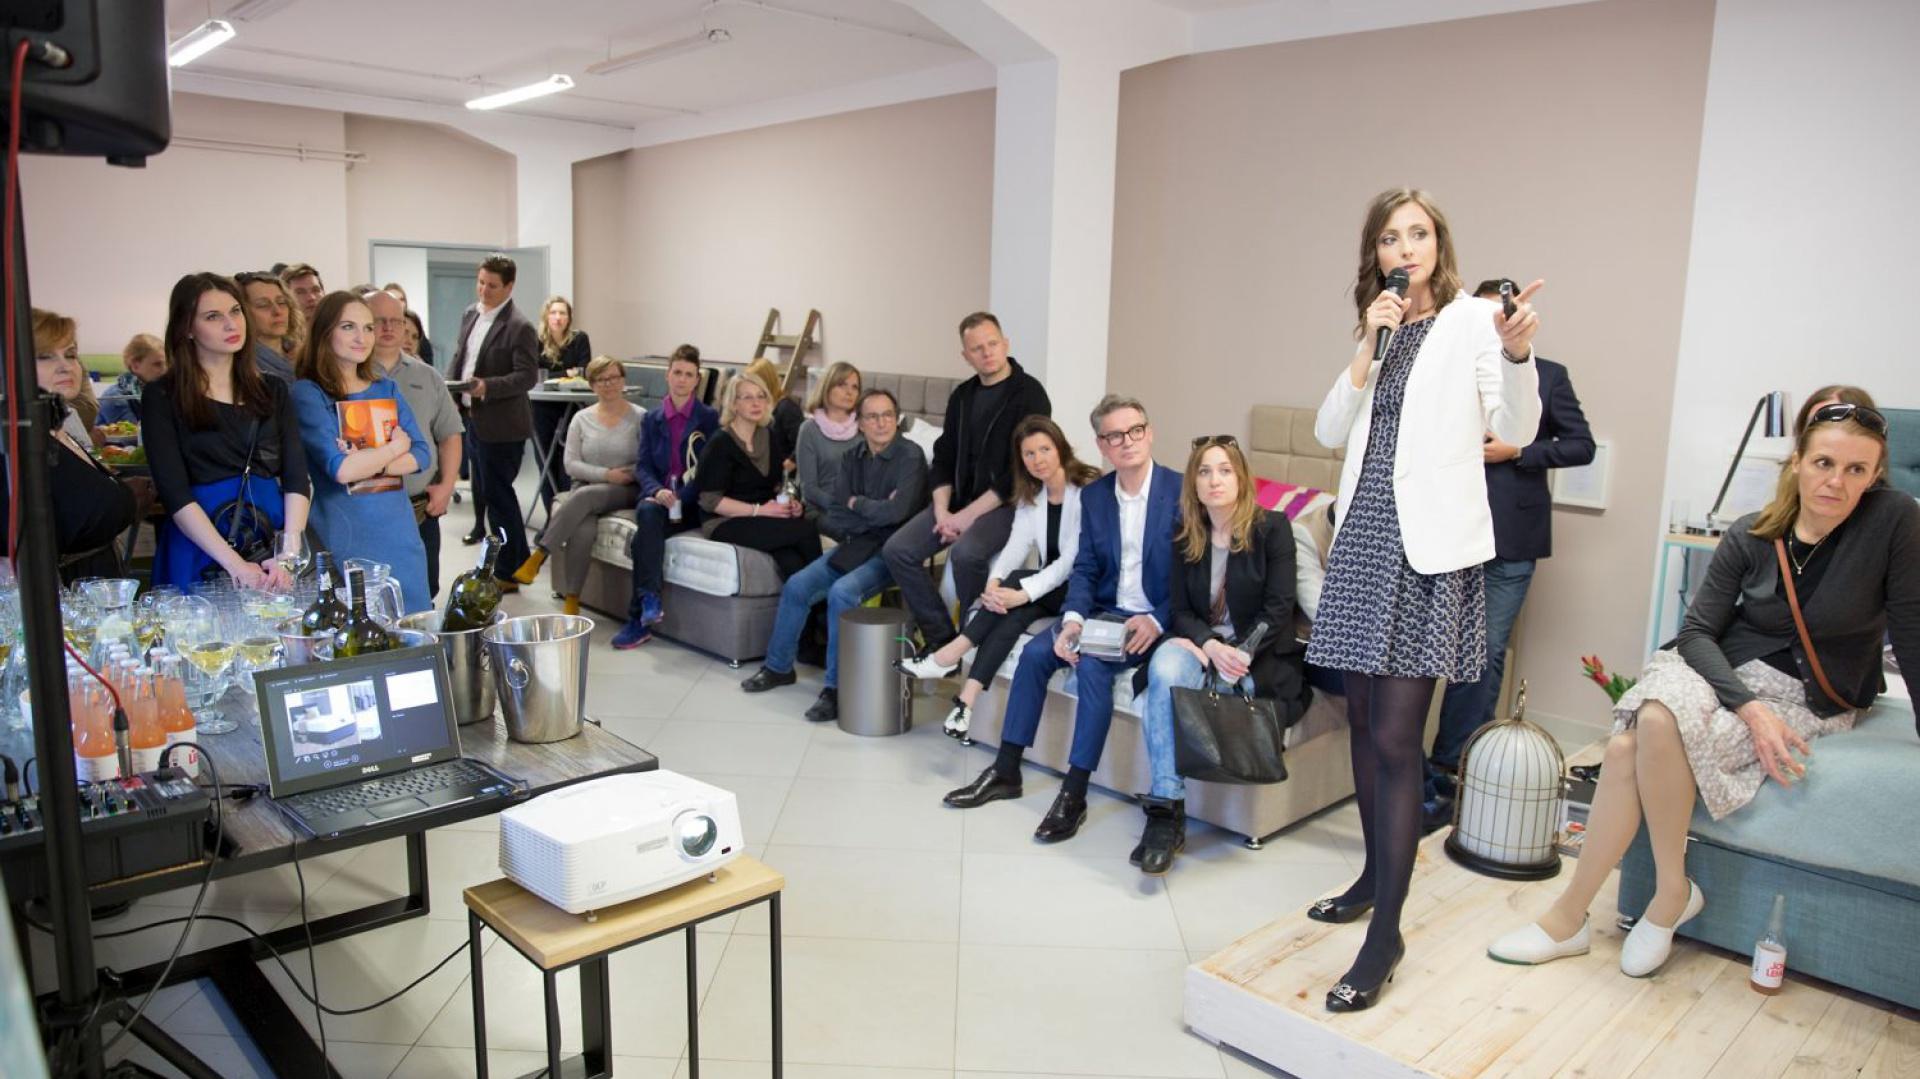 W spotkaniu wzięło udział kilkadziesiąt osób związanych z branżą projektowania wnętrz. Fot. Materiały prasowe